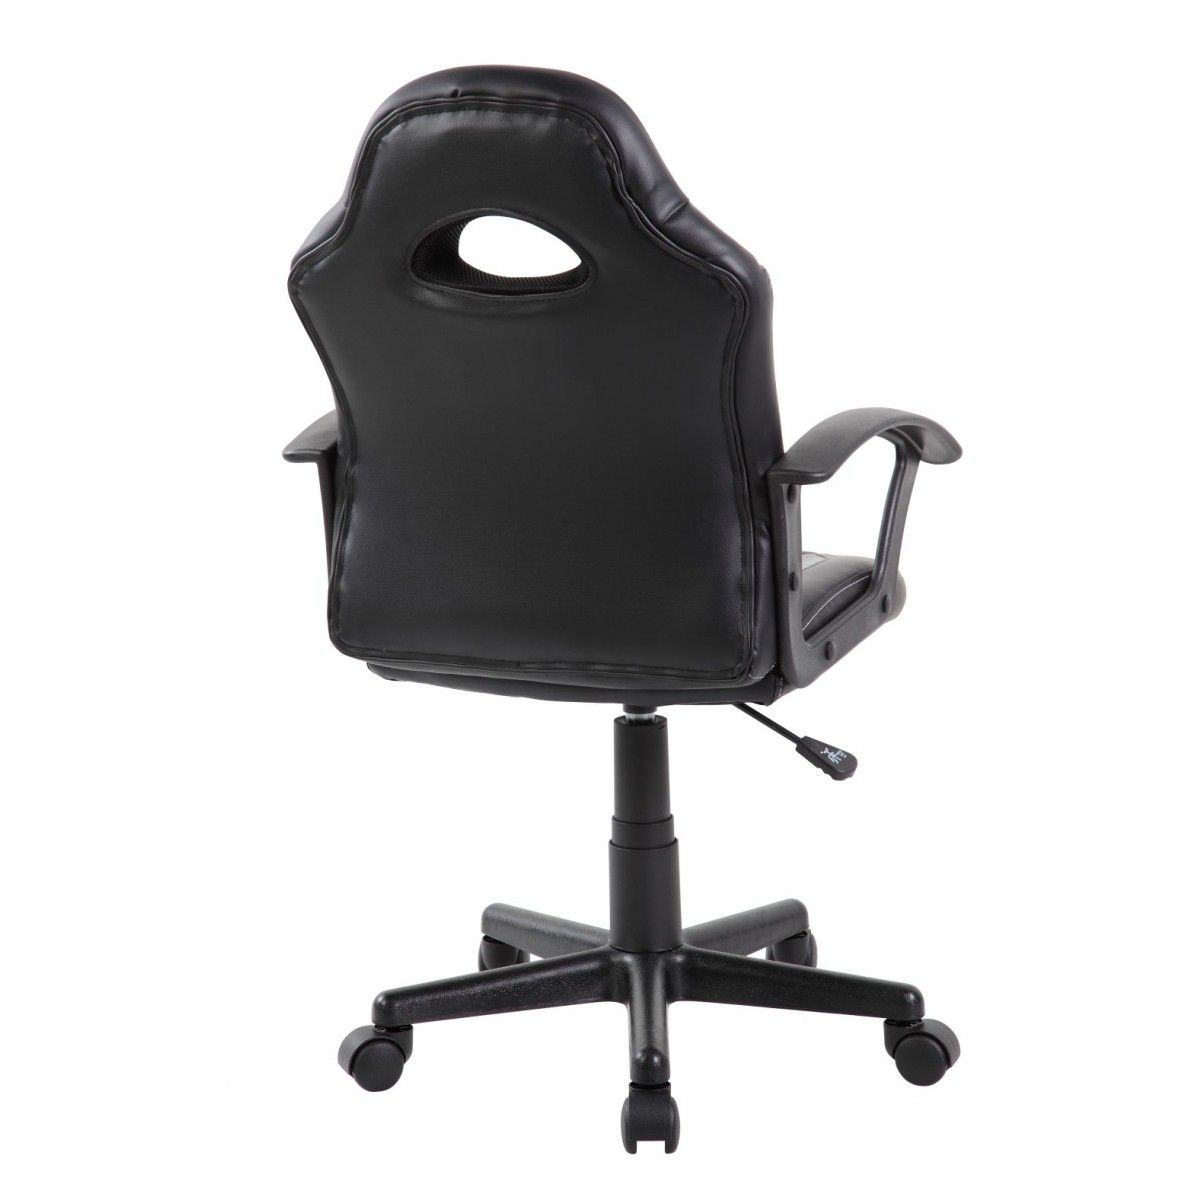 Cadeira Gamer Giratória Cinza e Preta Kids - at.home